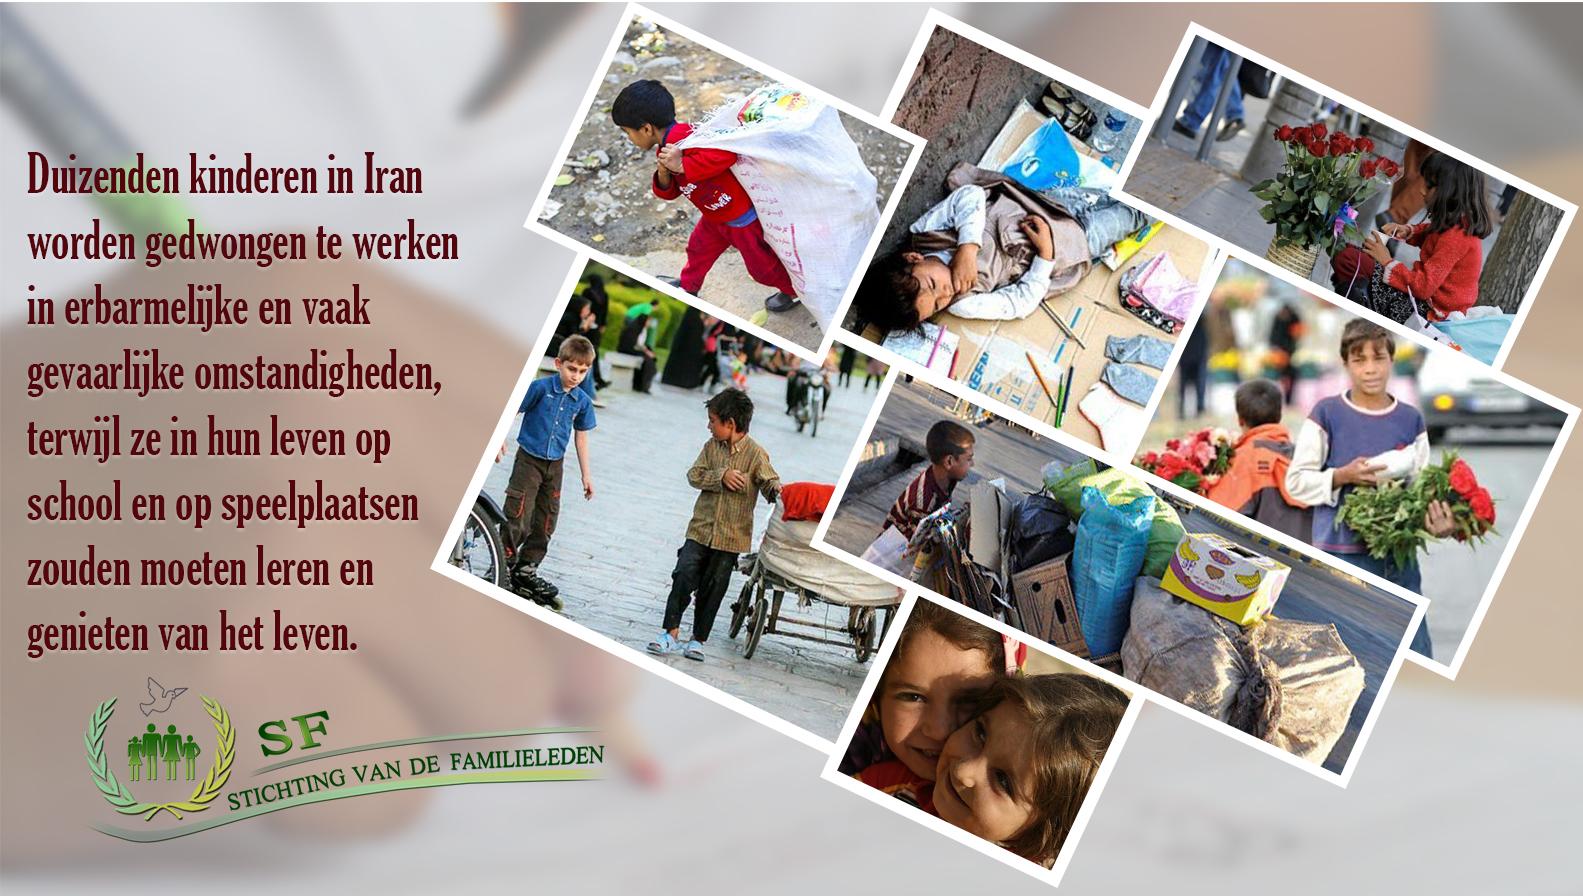 Kinderen in Iran, Children in Iran, stichting van de familieleden